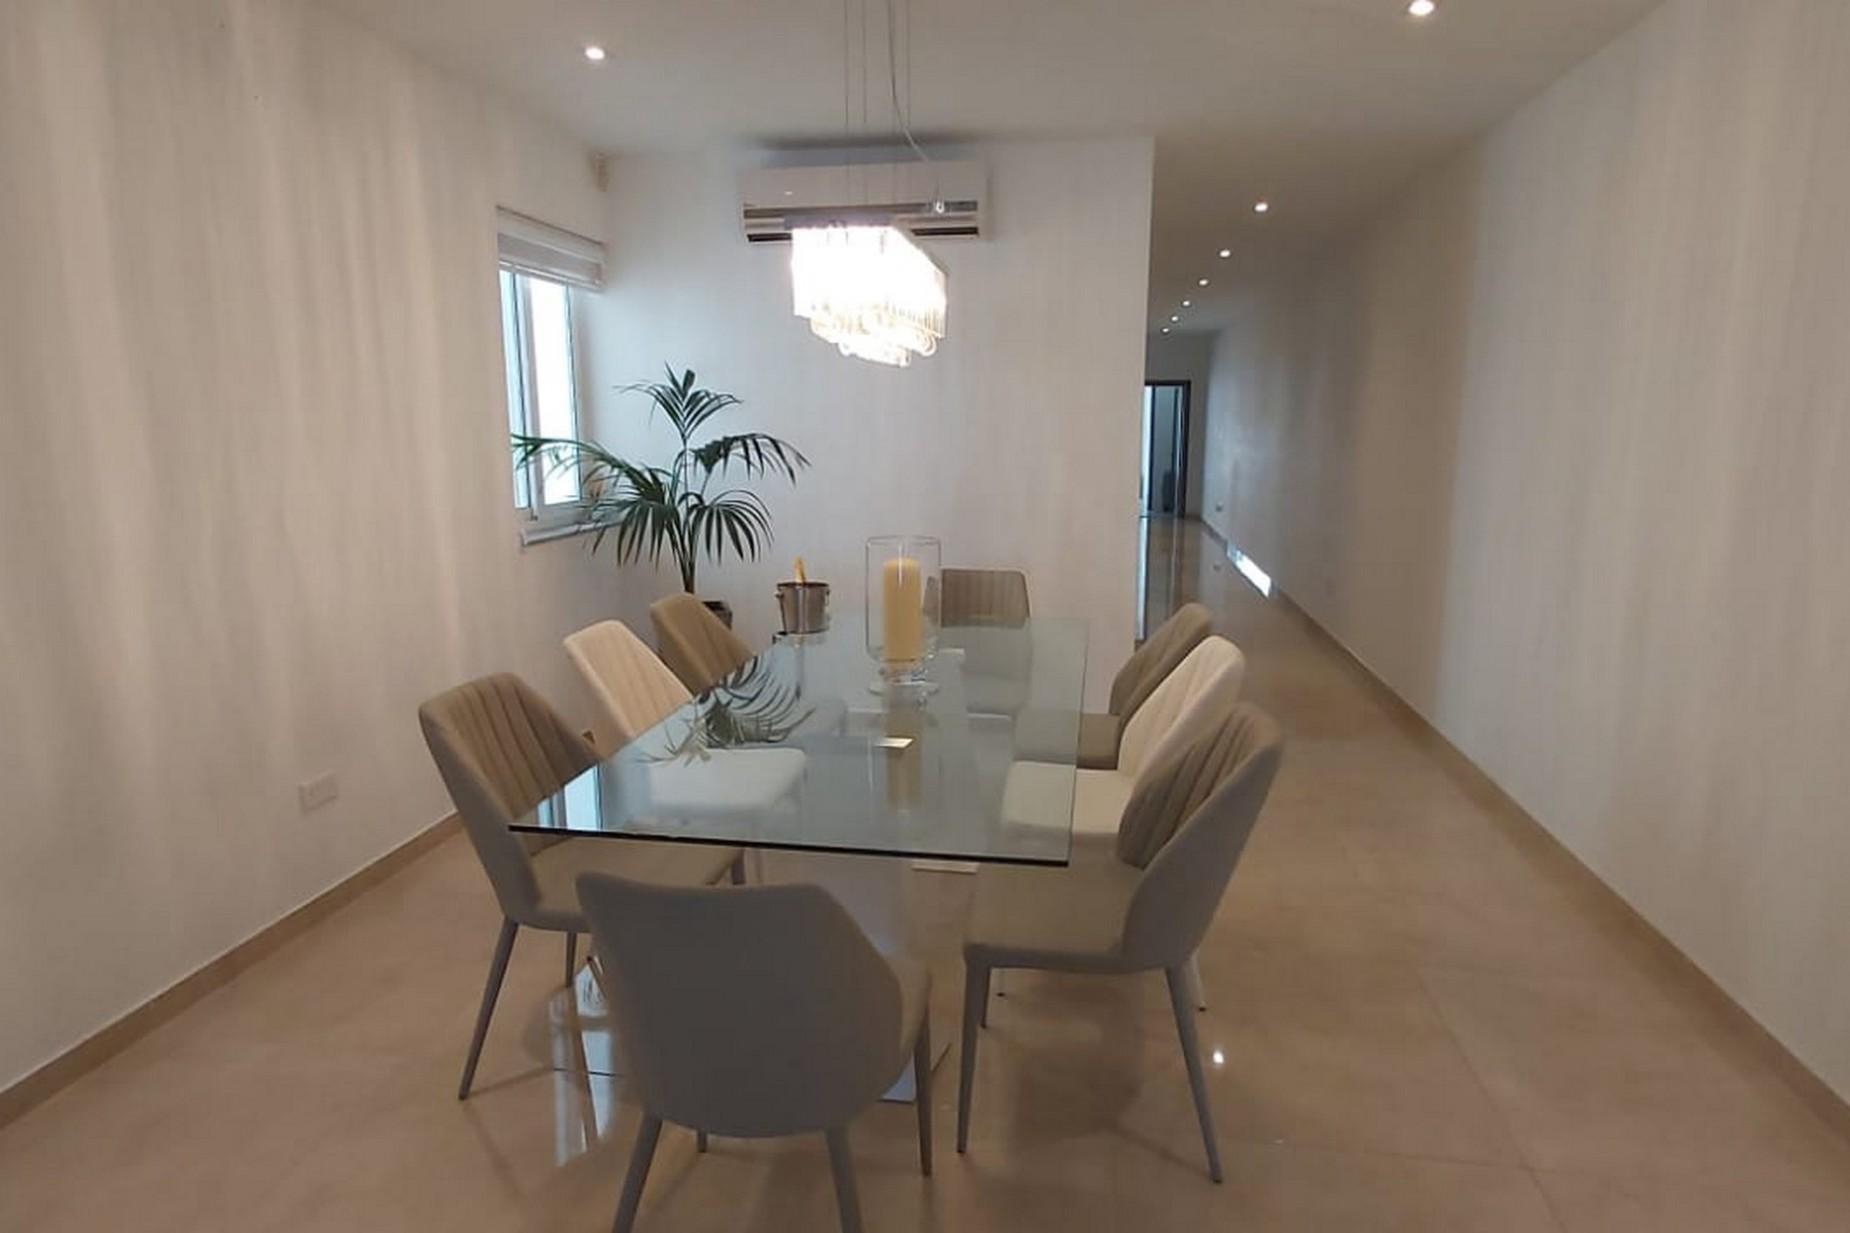 4 bed Apartment For Sale in Santa Venera, Santa Venera - thumb 15